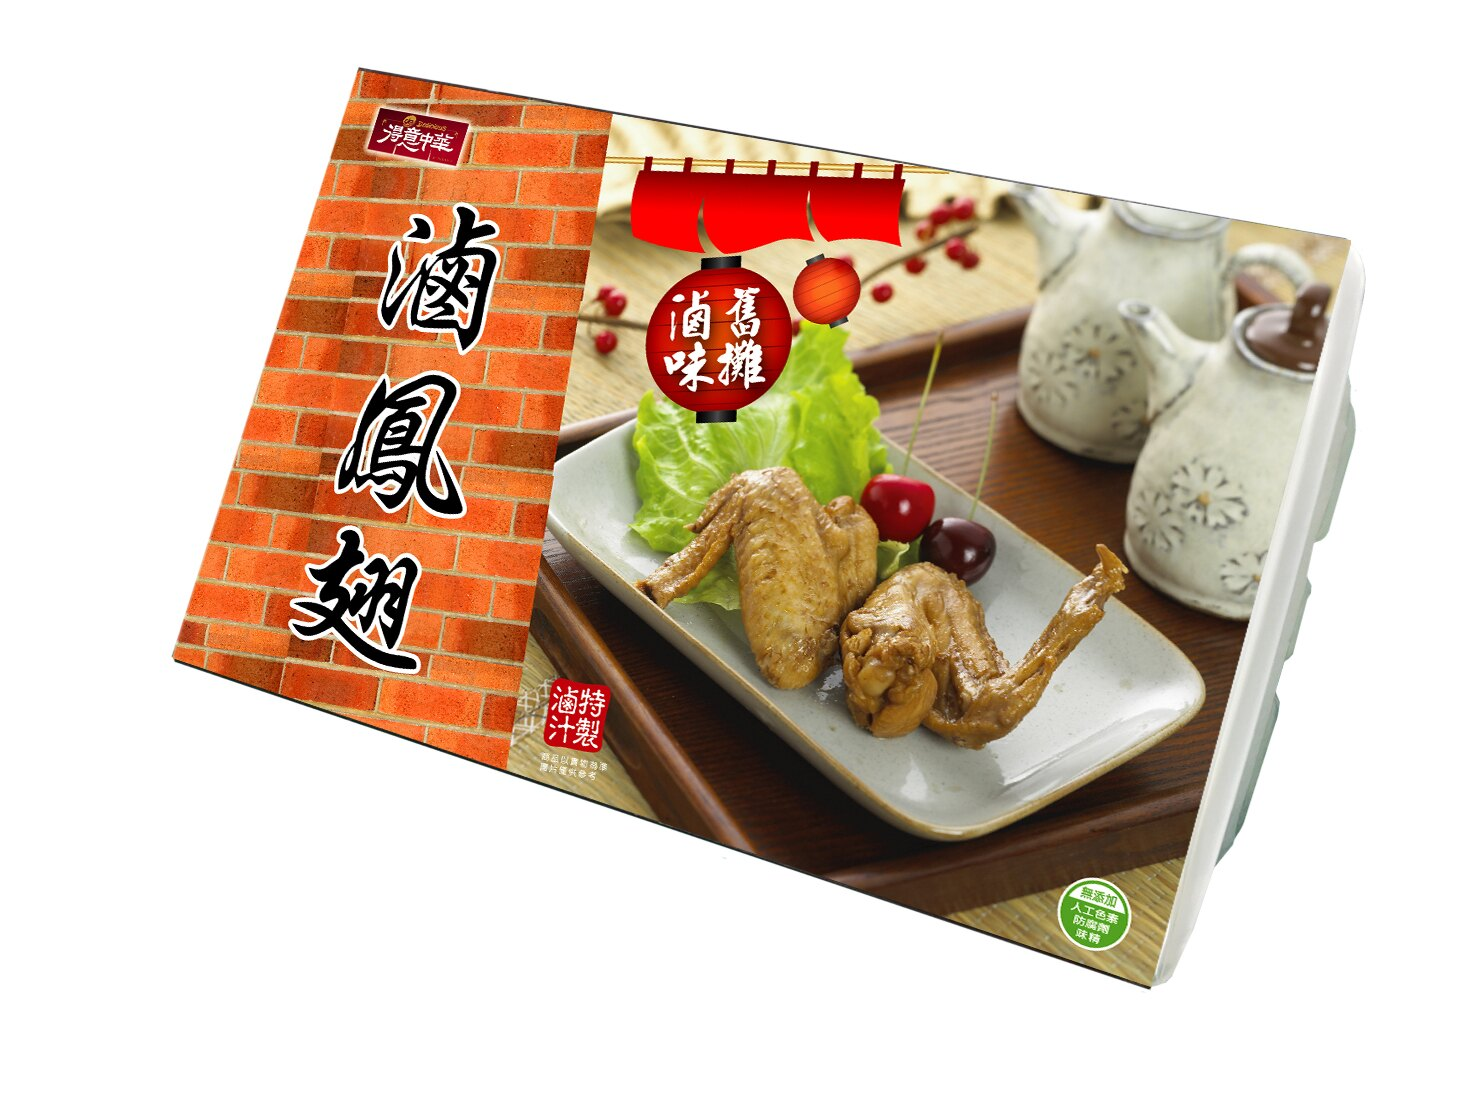 台式滷味滷鳳翅*得意中華舊攤滷味系列 0